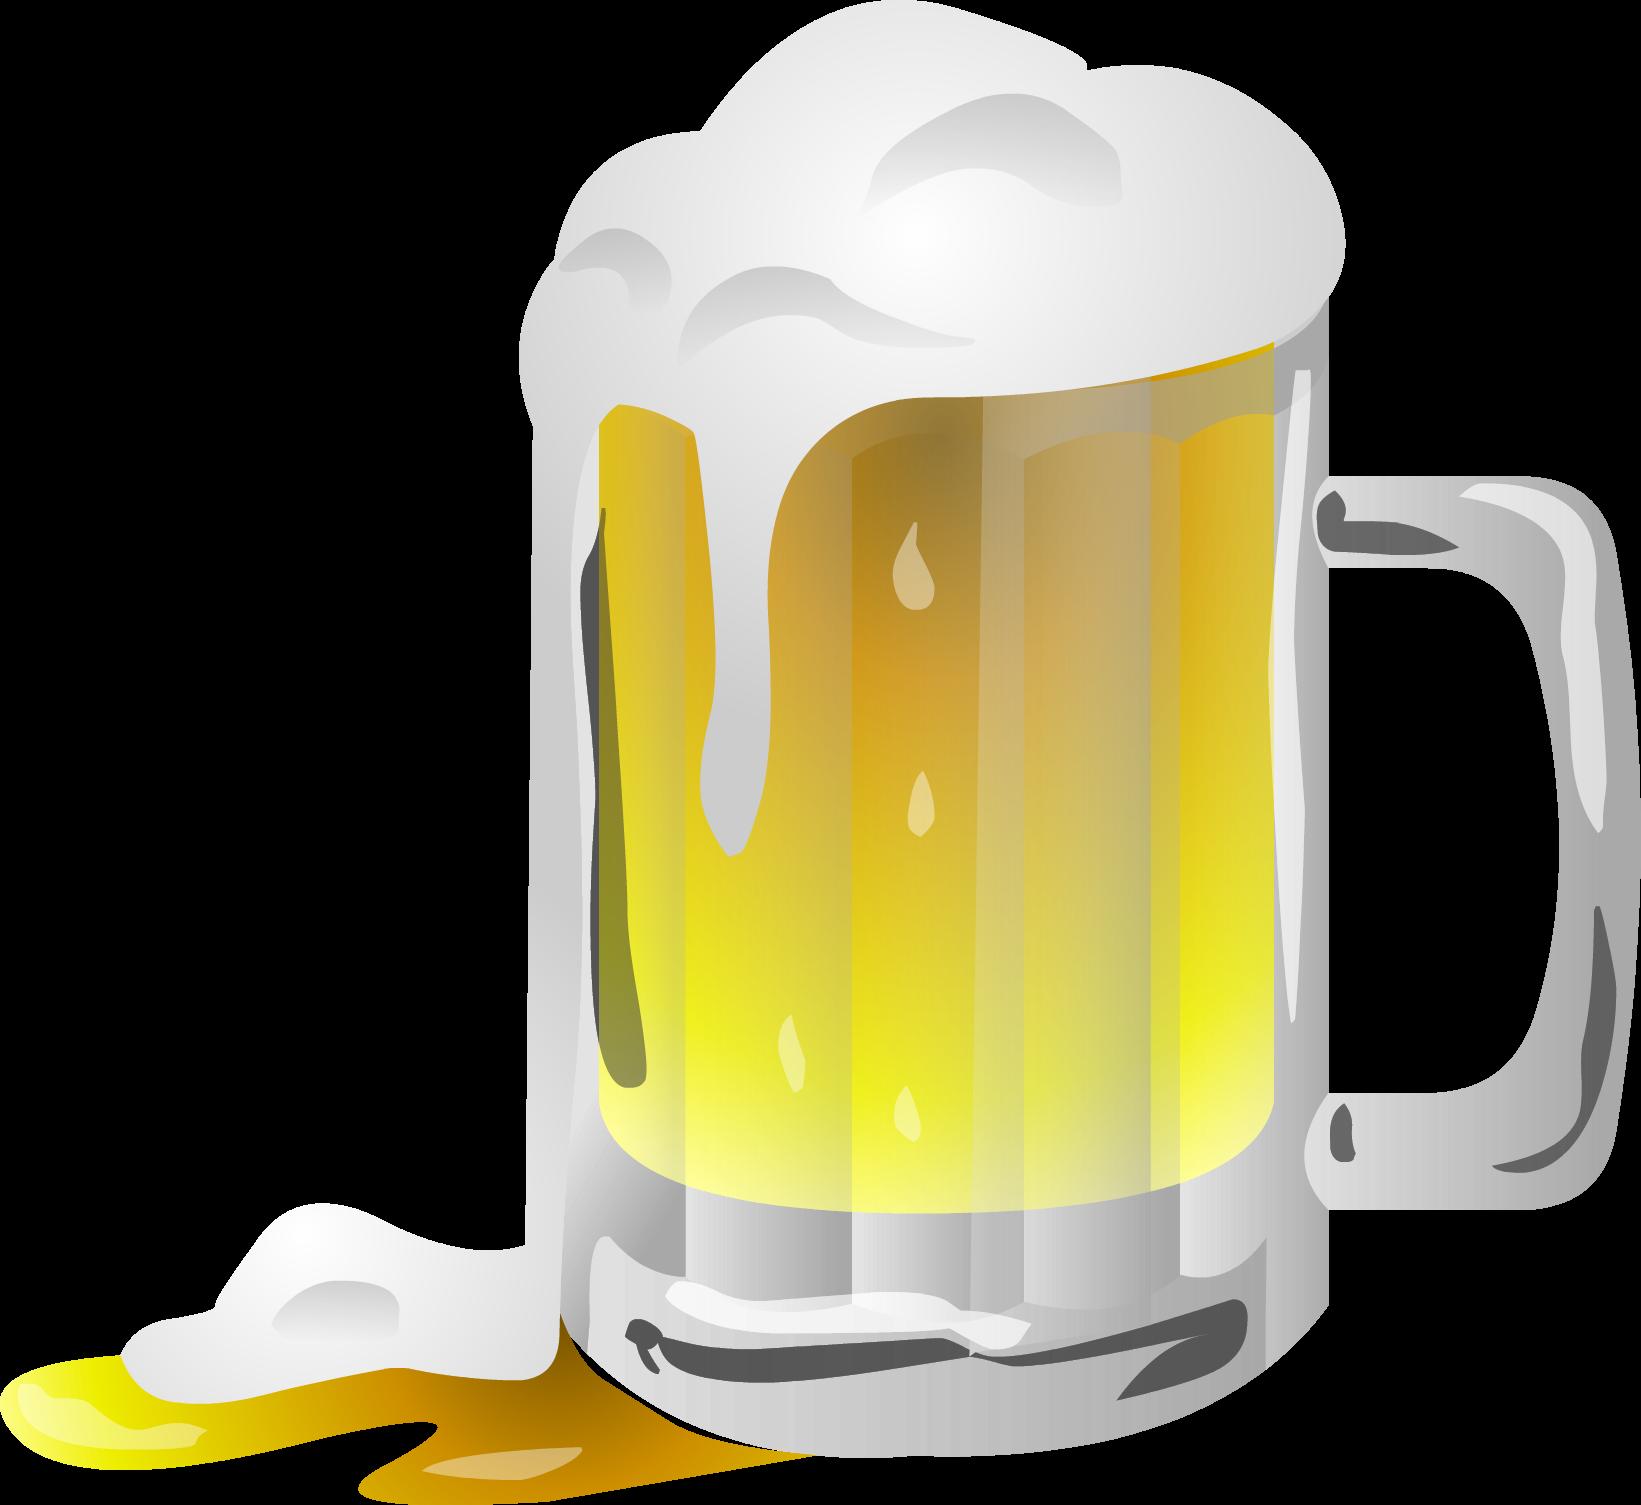 Beer clipart beer glass #8